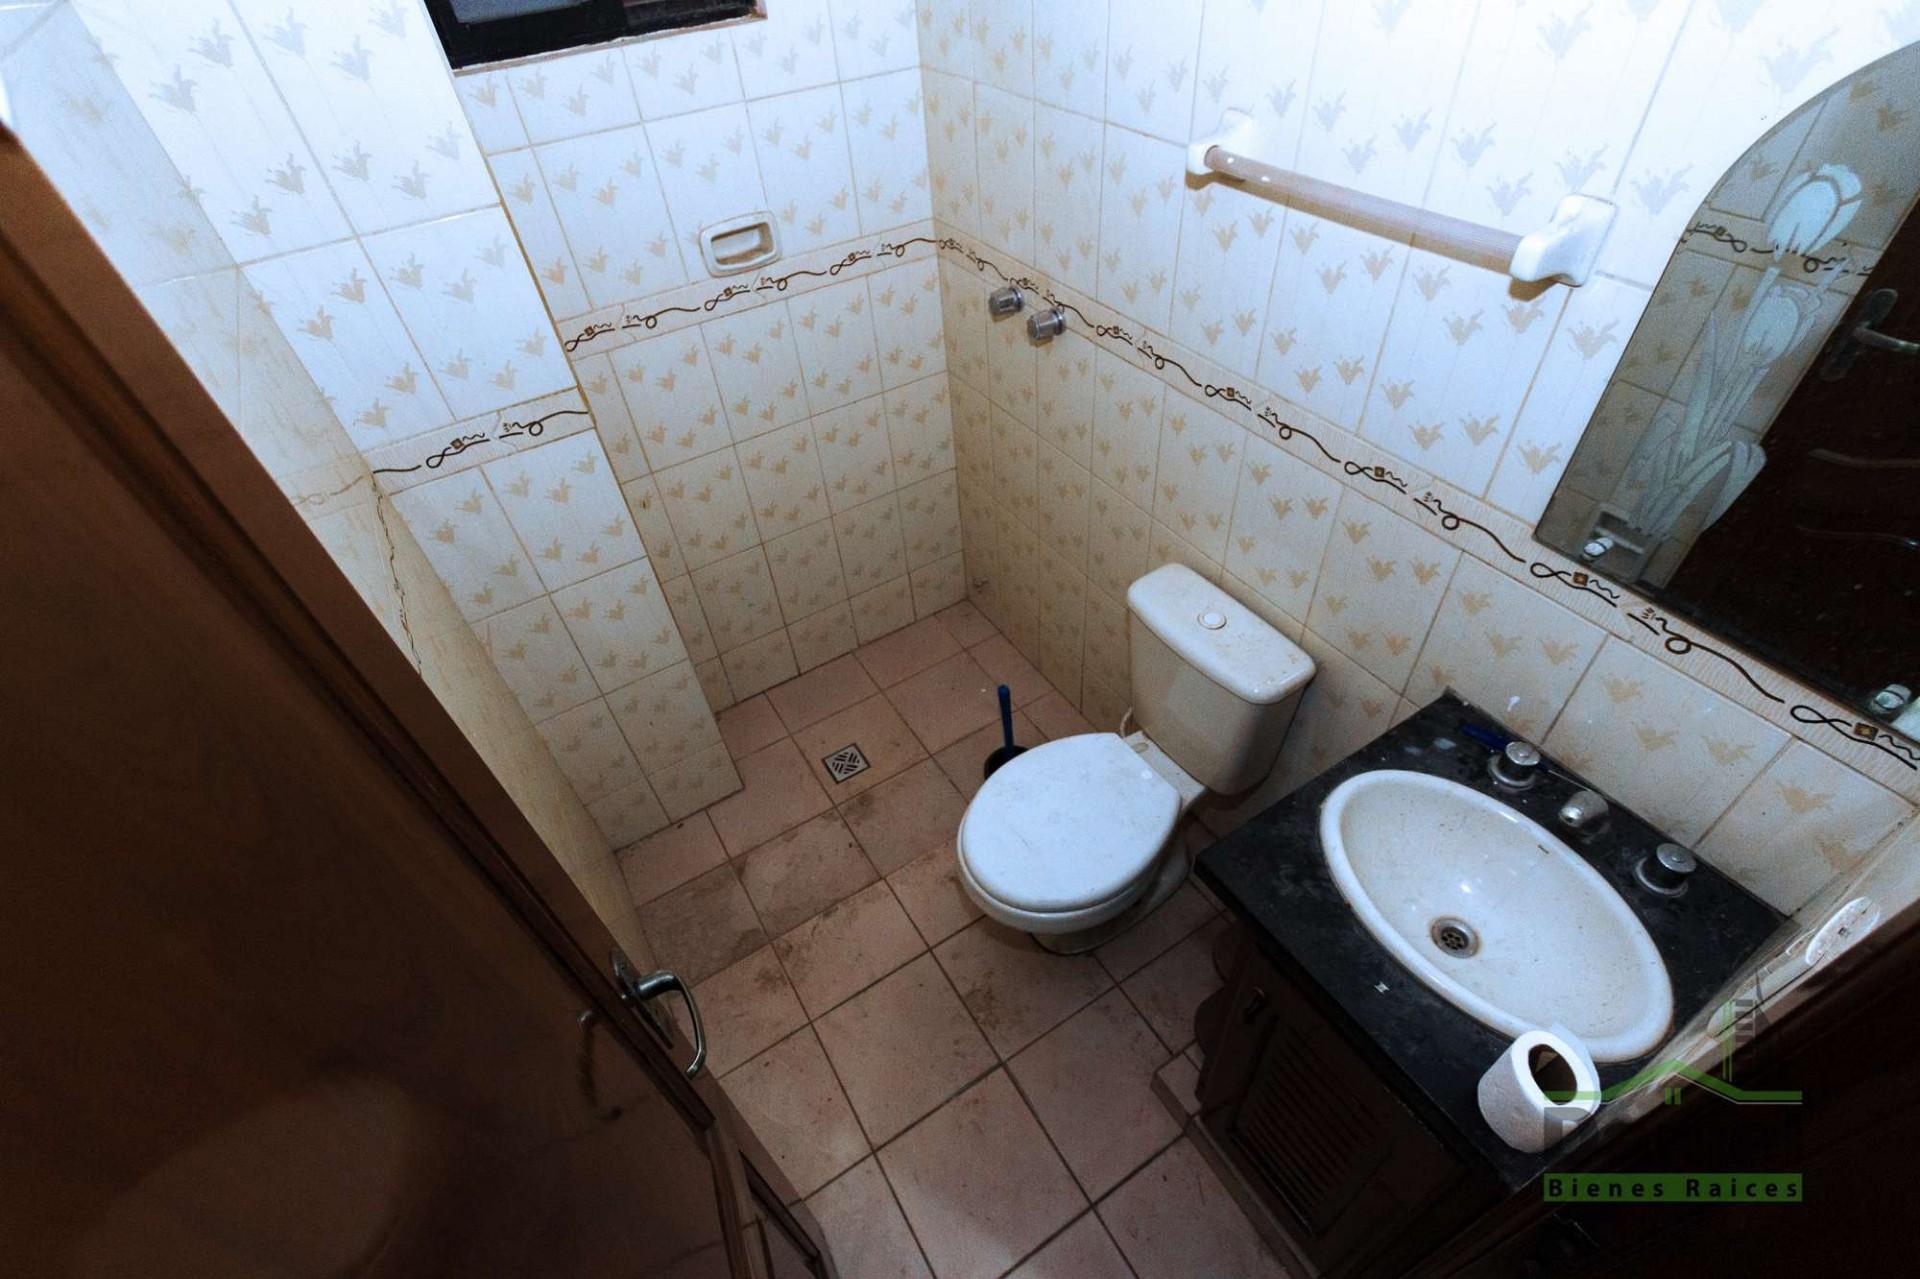 Casa en Venta CASA GRANDE ENTRE 4TO Y 5TO ANILLO RADIAL 27 Foto 8